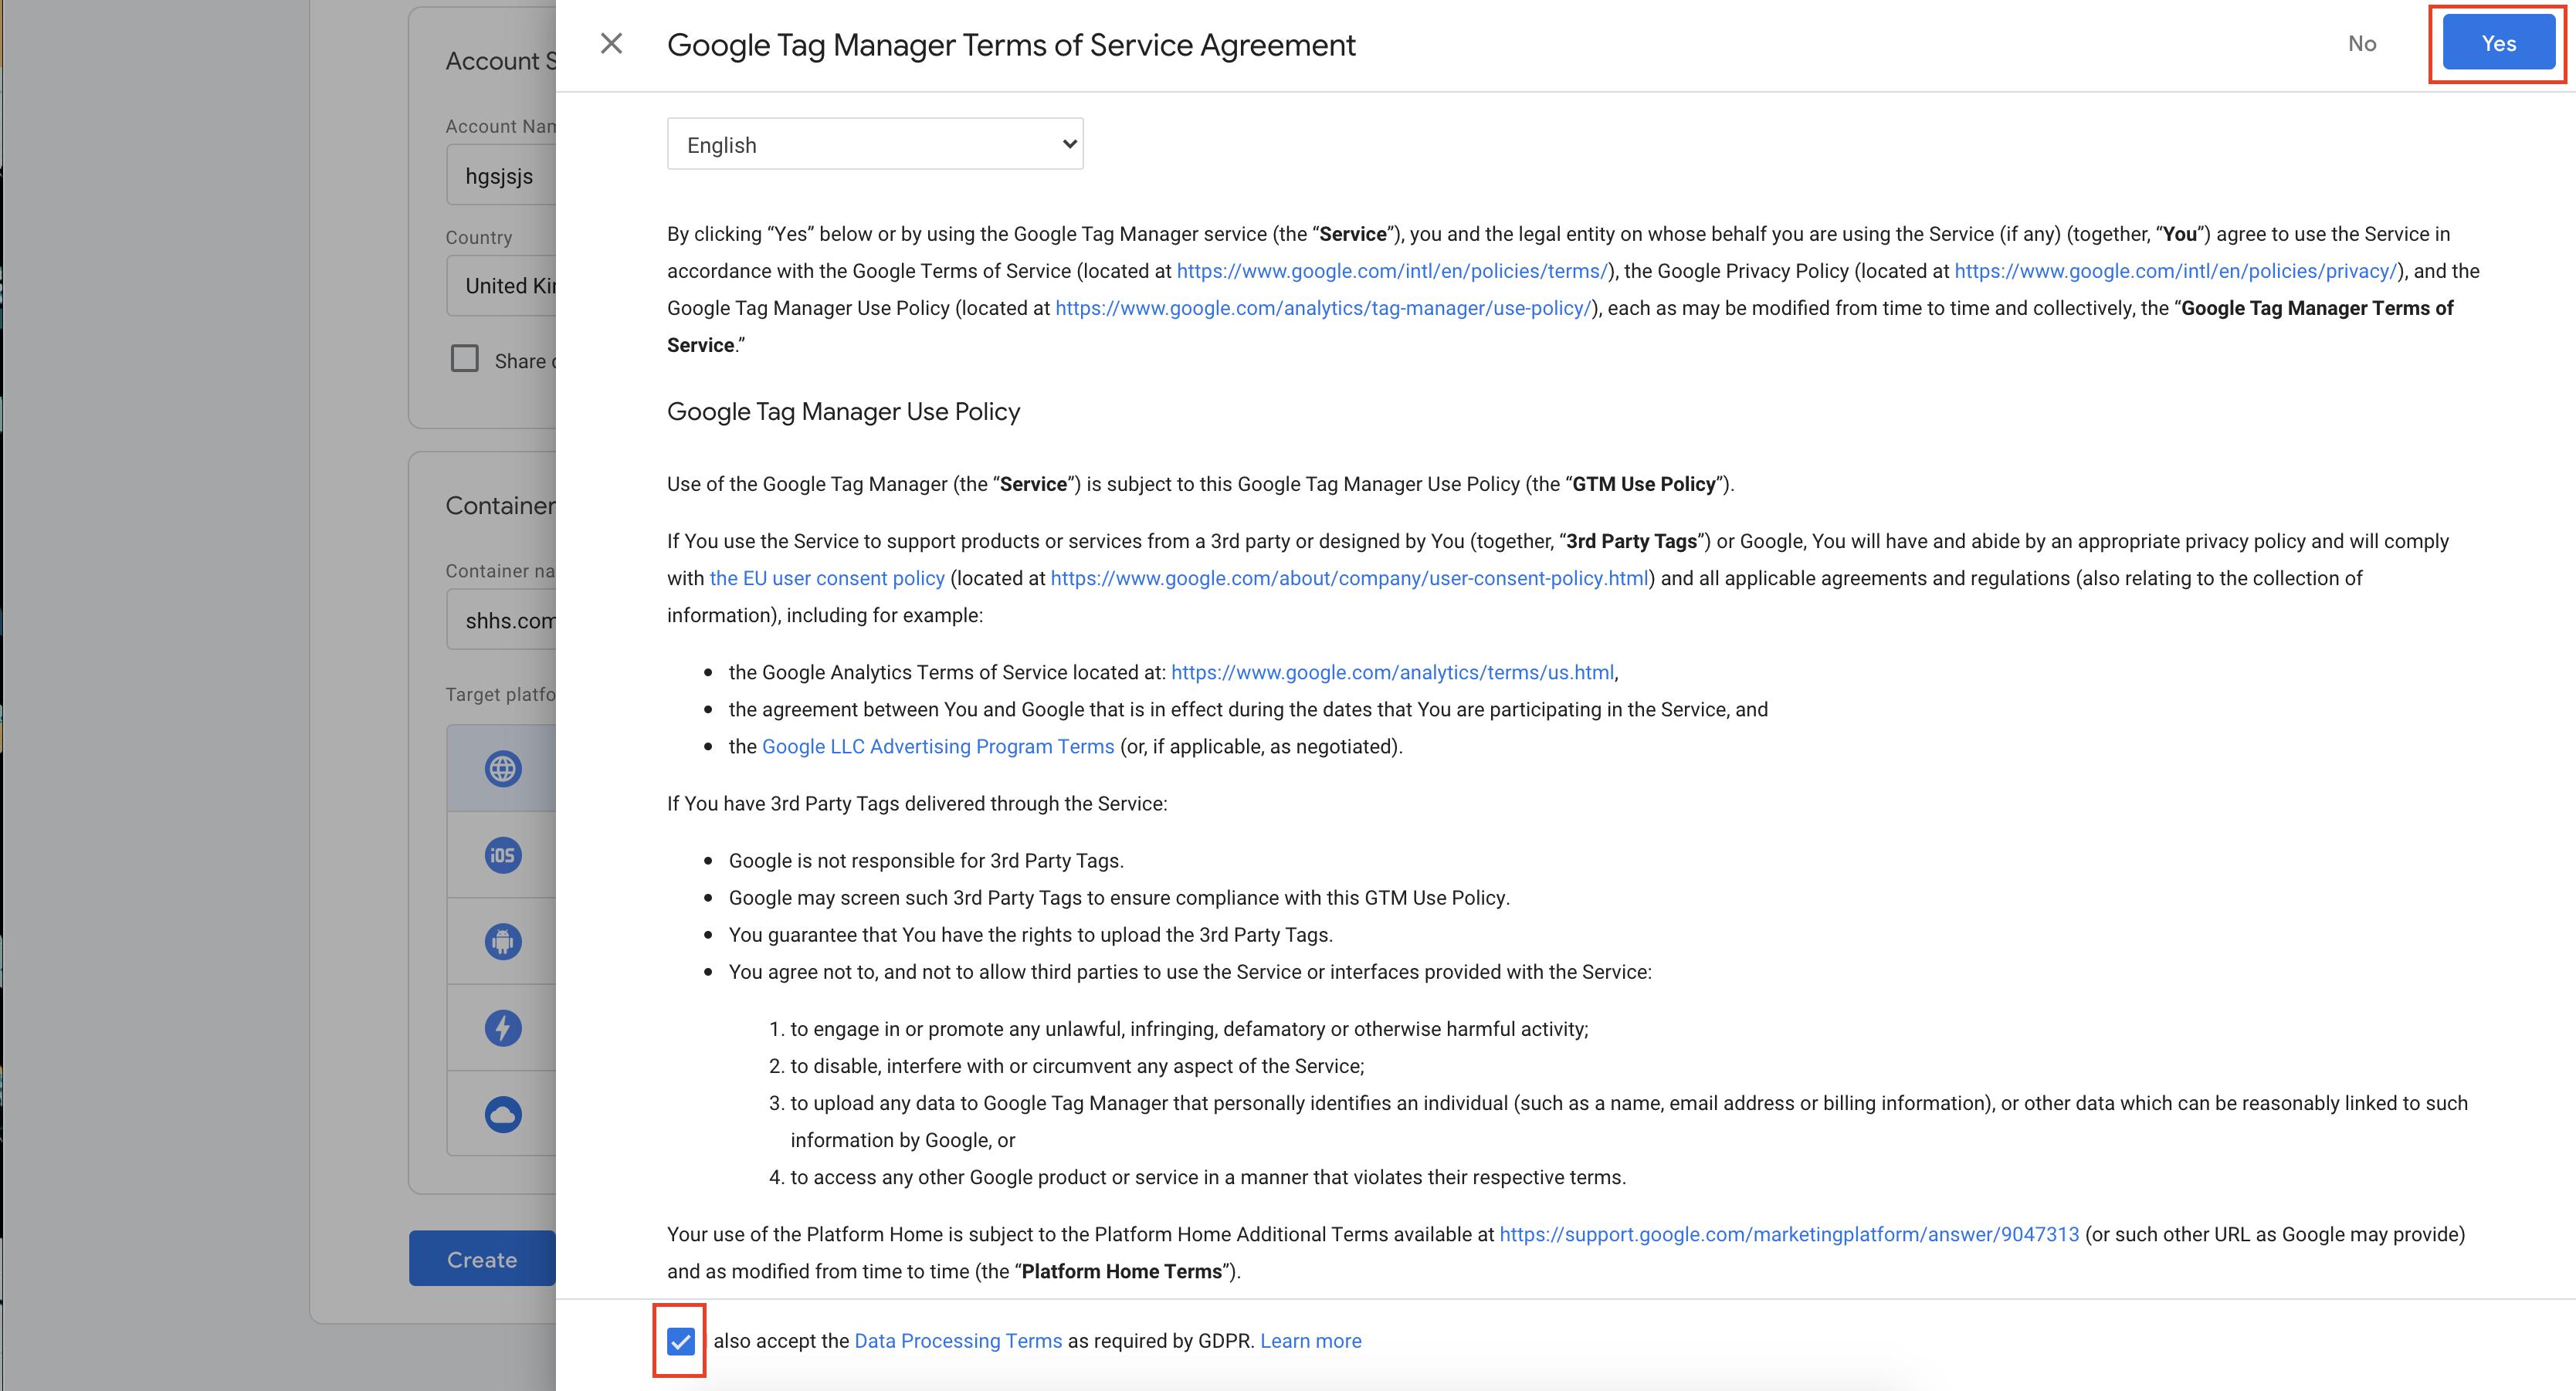 كيفية إضافة جوجل تاج مانجر على المتجر الإلكتروني